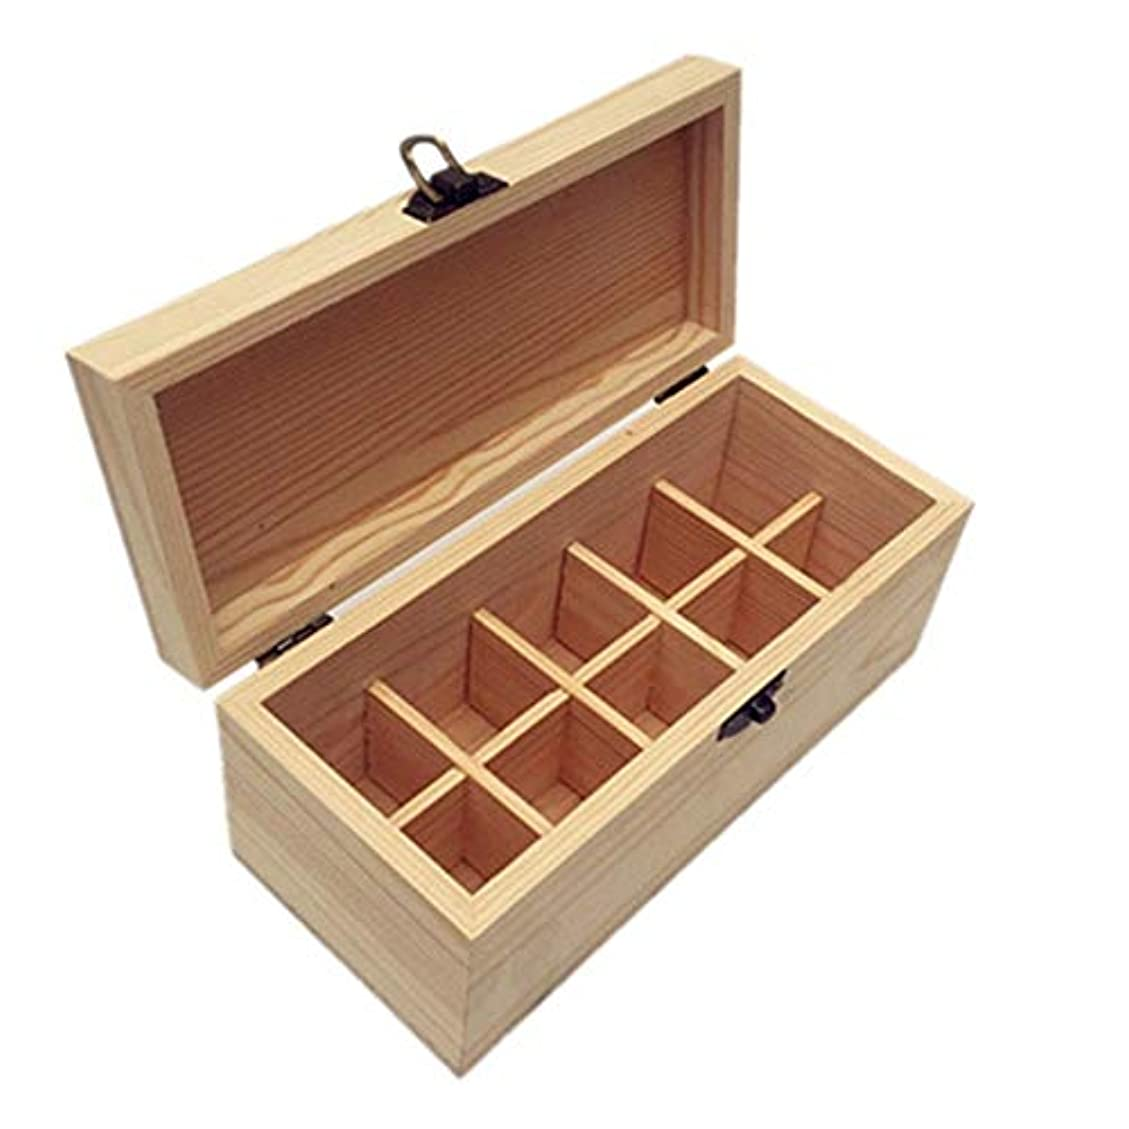 塊覗くプロフィールアロマセラピー油ボトル用10個のスロット木製のエッセンシャルオイルストレージボックスオーガナイザー アロマセラピー製品 (色 : Natural, サイズ : 21.2X9.5X9CM)